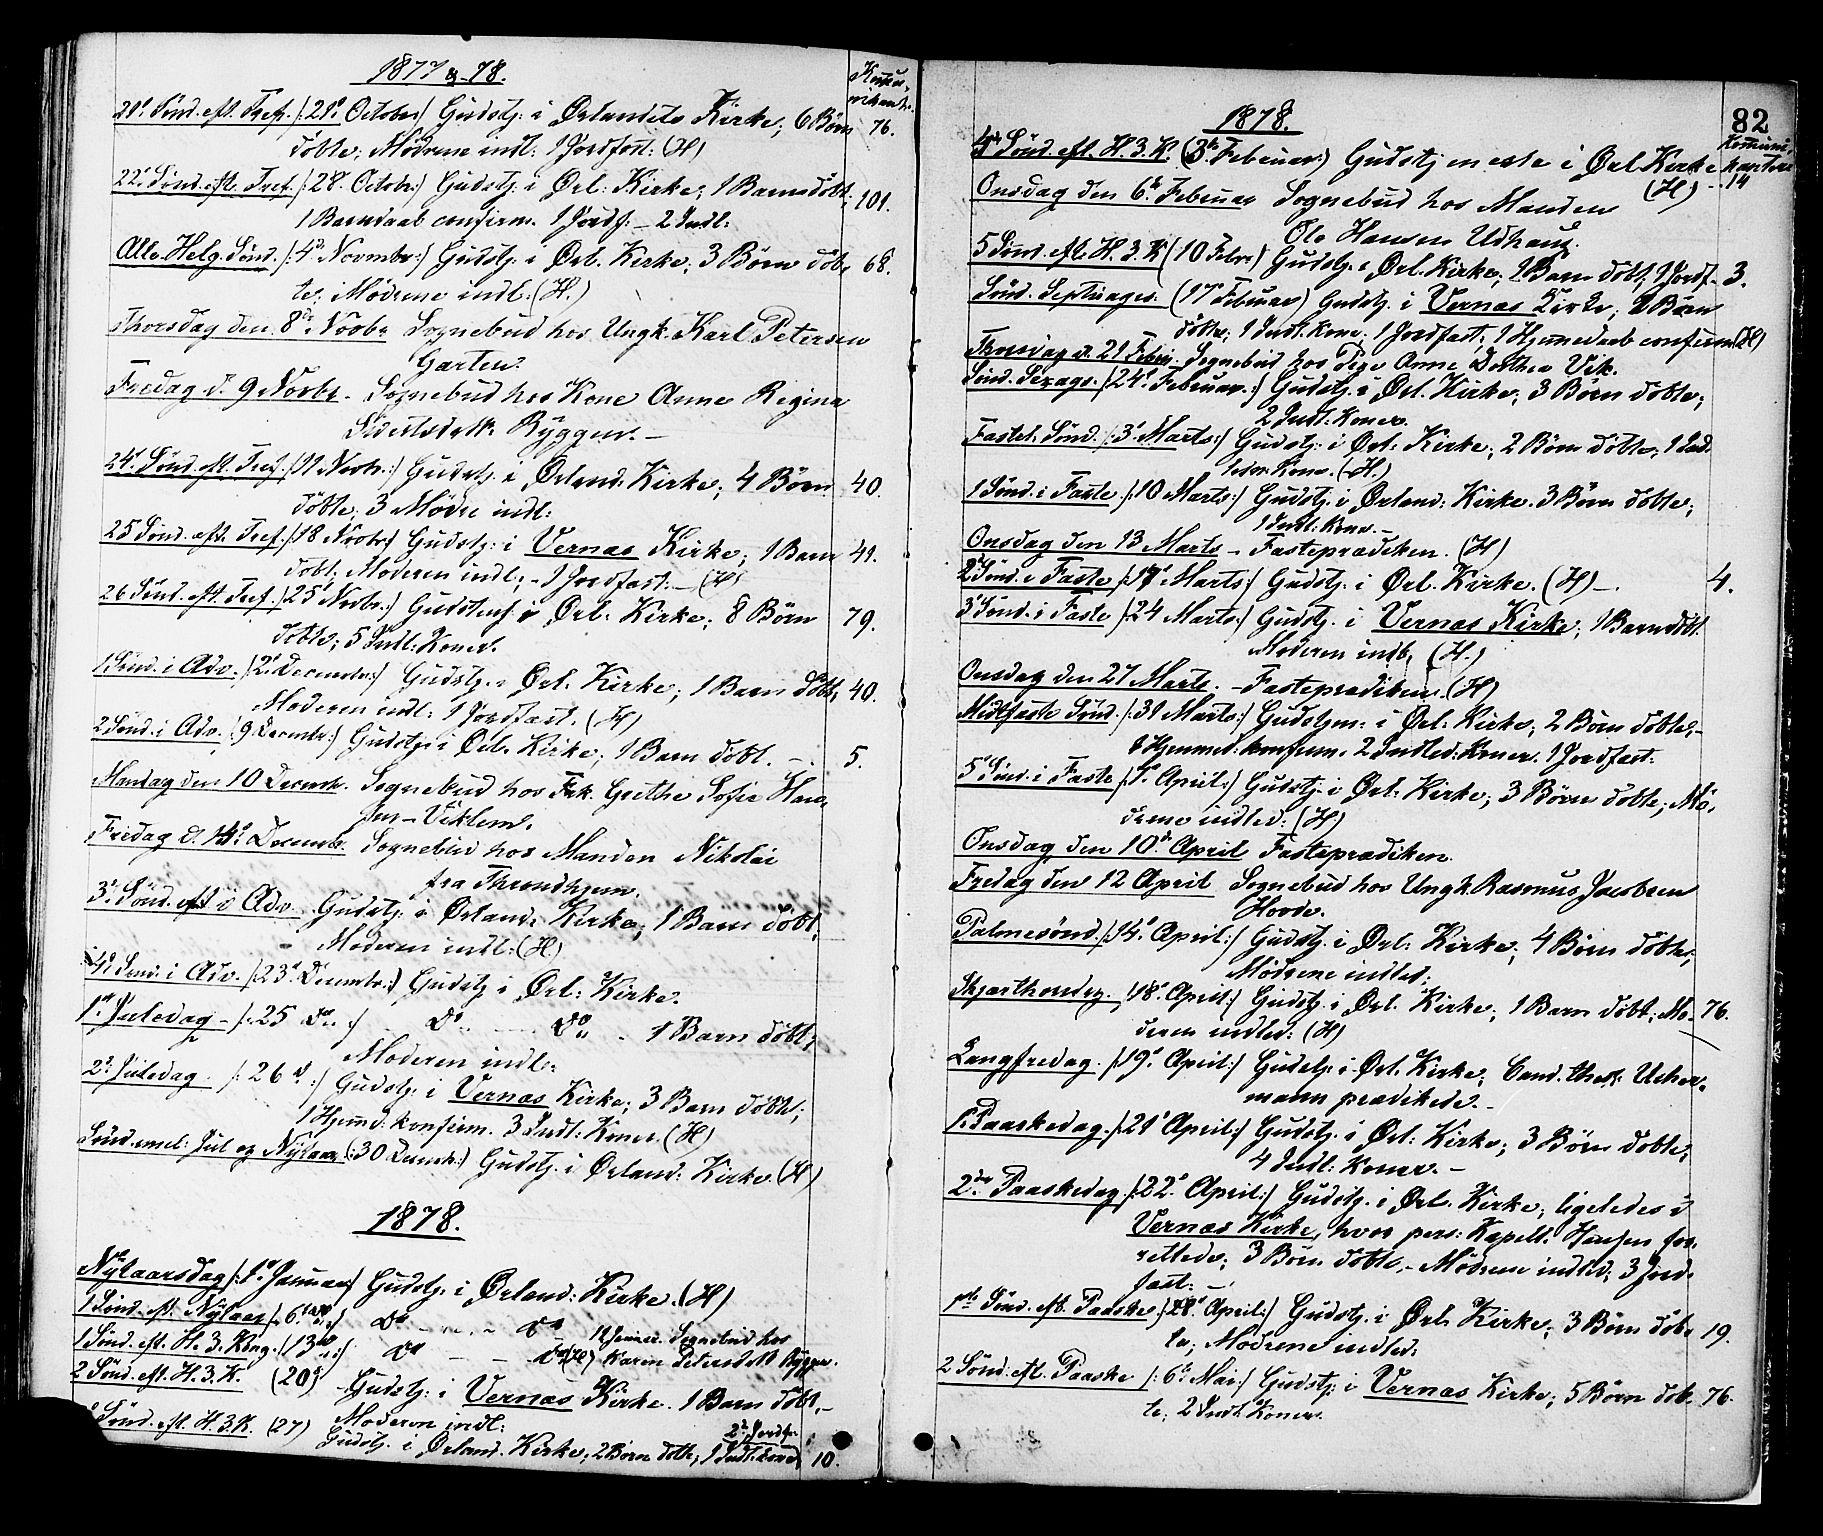 SAT, Ministerialprotokoller, klokkerbøker og fødselsregistre - Sør-Trøndelag, 659/L0738: Ministerialbok nr. 659A08, 1876-1878, s. 82